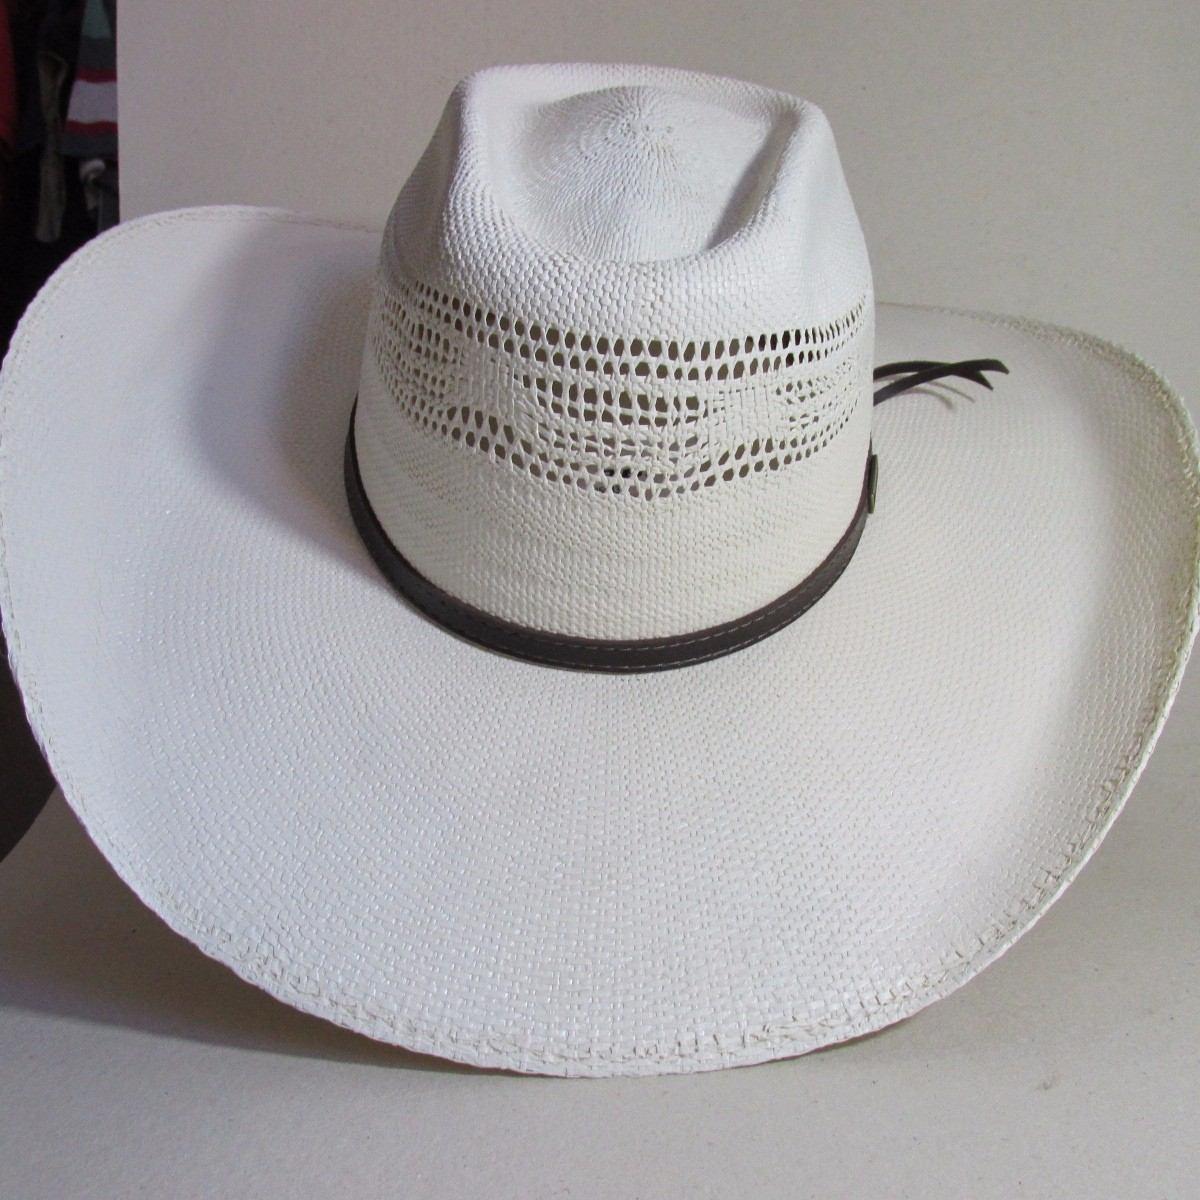 chapéu palha bangora pbr country aba12cm cor marfim tam 57. Carregando zoom. d3c51ea2e2a